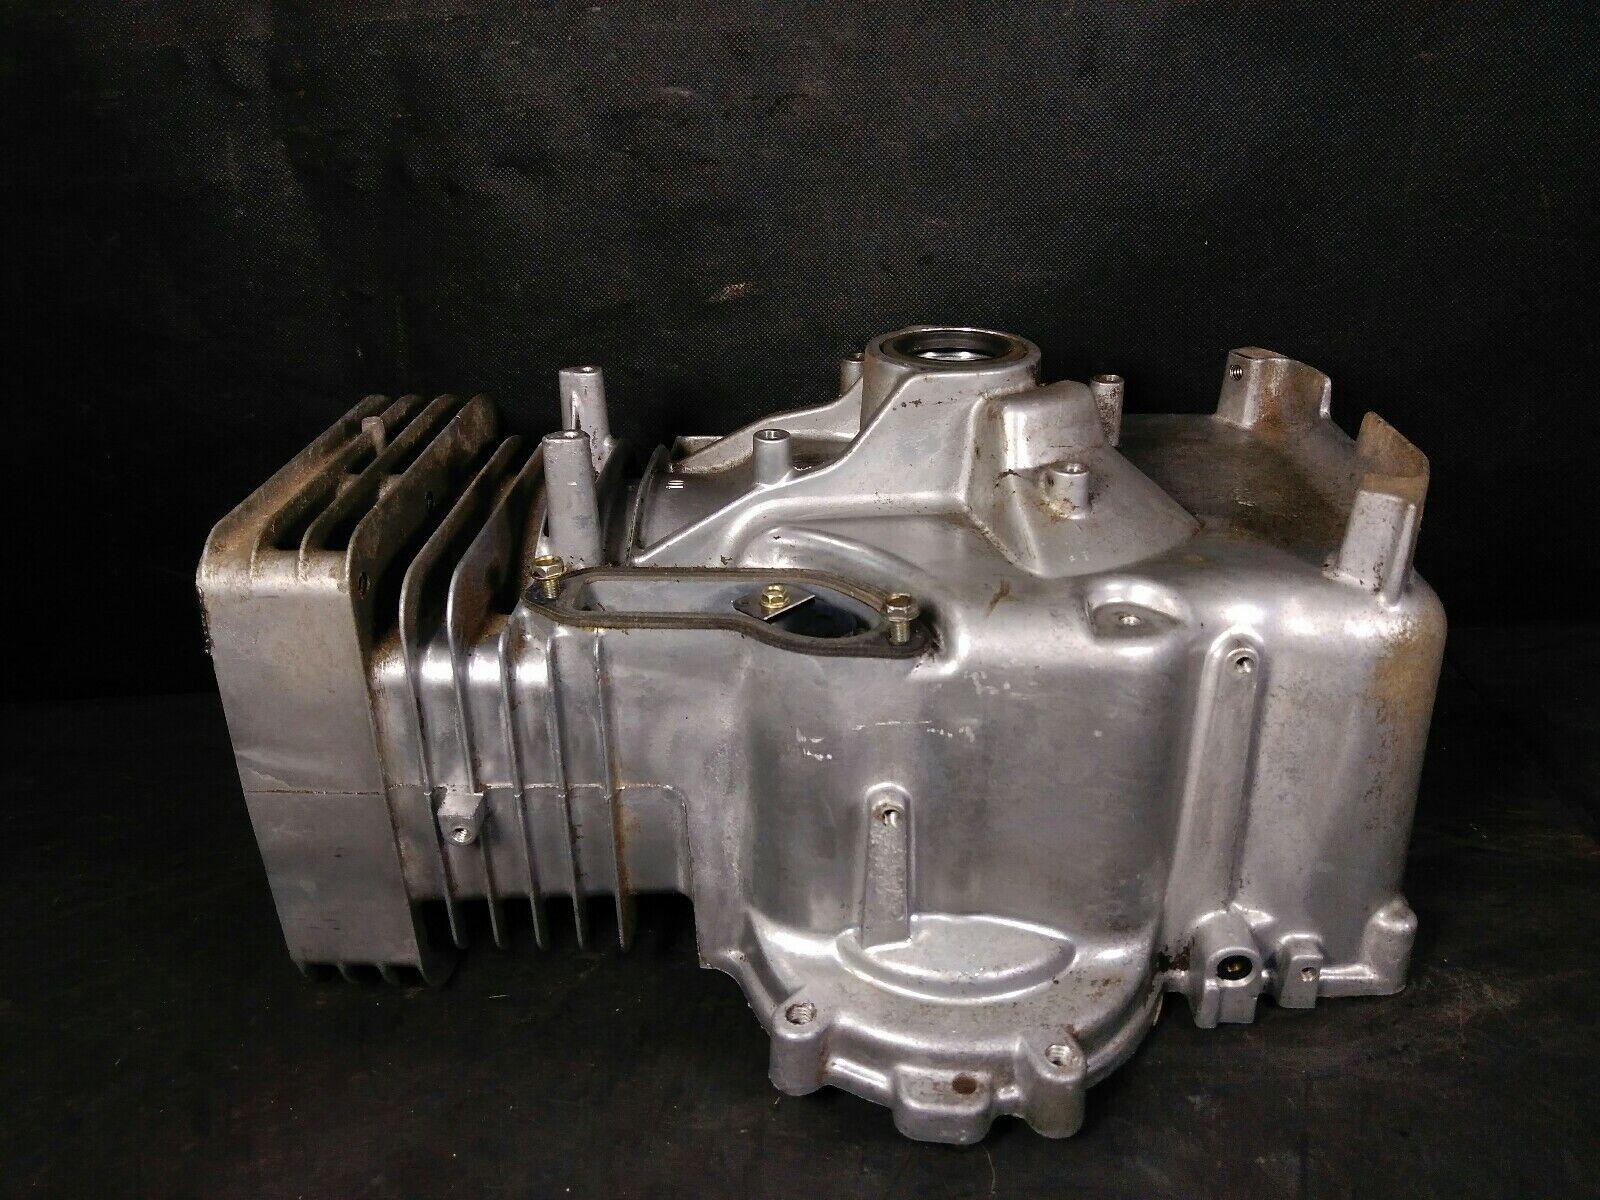 Cilindro De Bloque Del Motor Manivela caso Briggs Stratton Intek 500cc 31H777 OHV & OEM